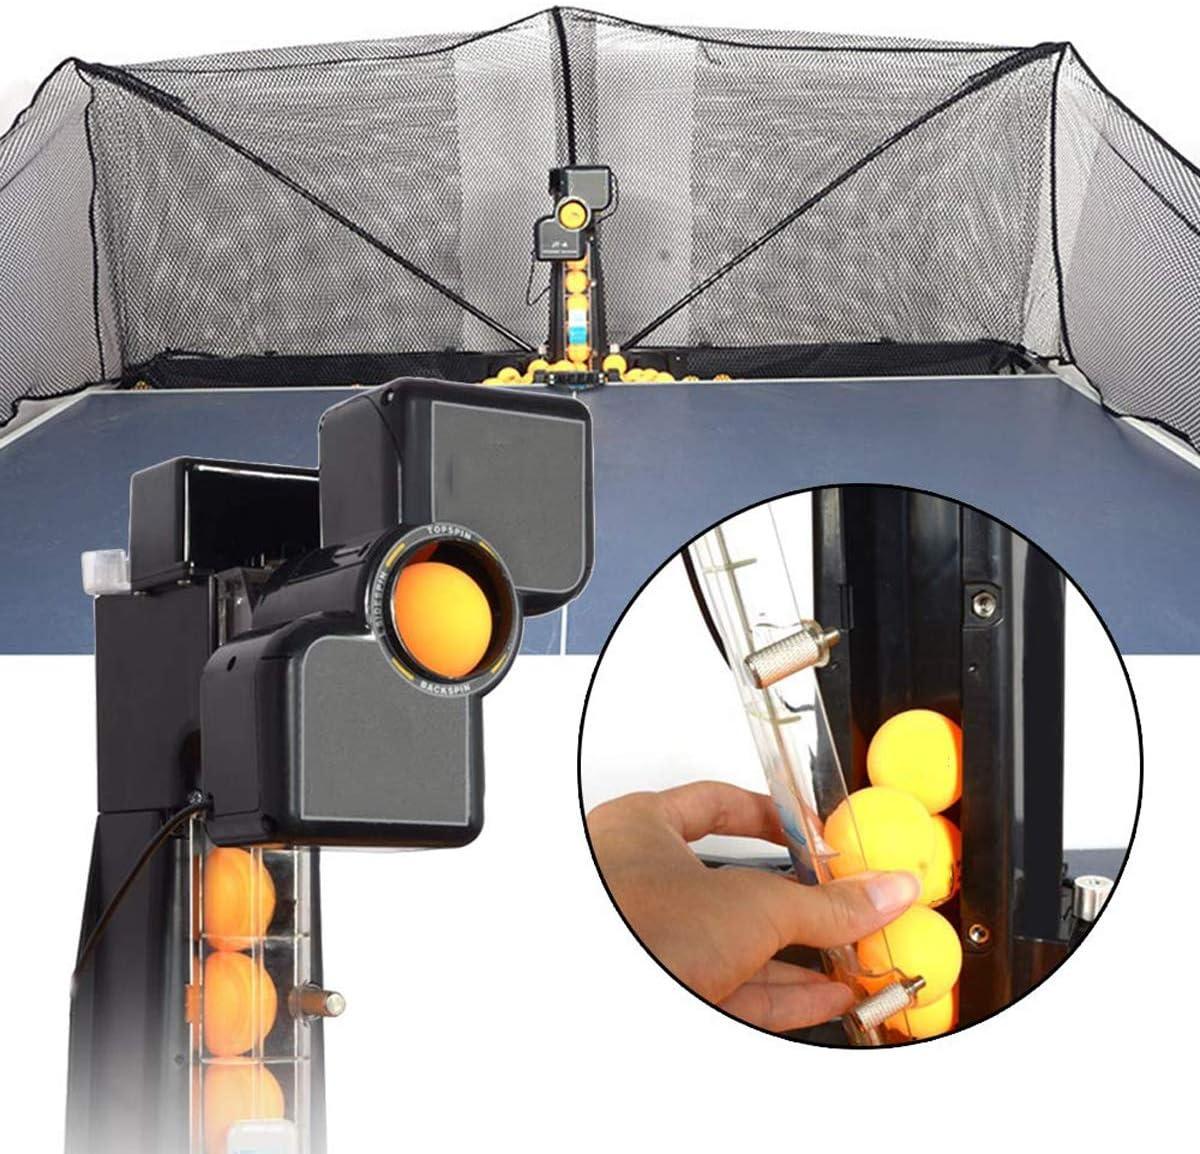 LiChenYao Ping-Pong De La Máquina Robot con Catch Net, Mesa Automática De Ping Pong Mesa De Ping Pong Trainer Robots Máquina De Bolas For Spin Instalación Training Ball-Fácil